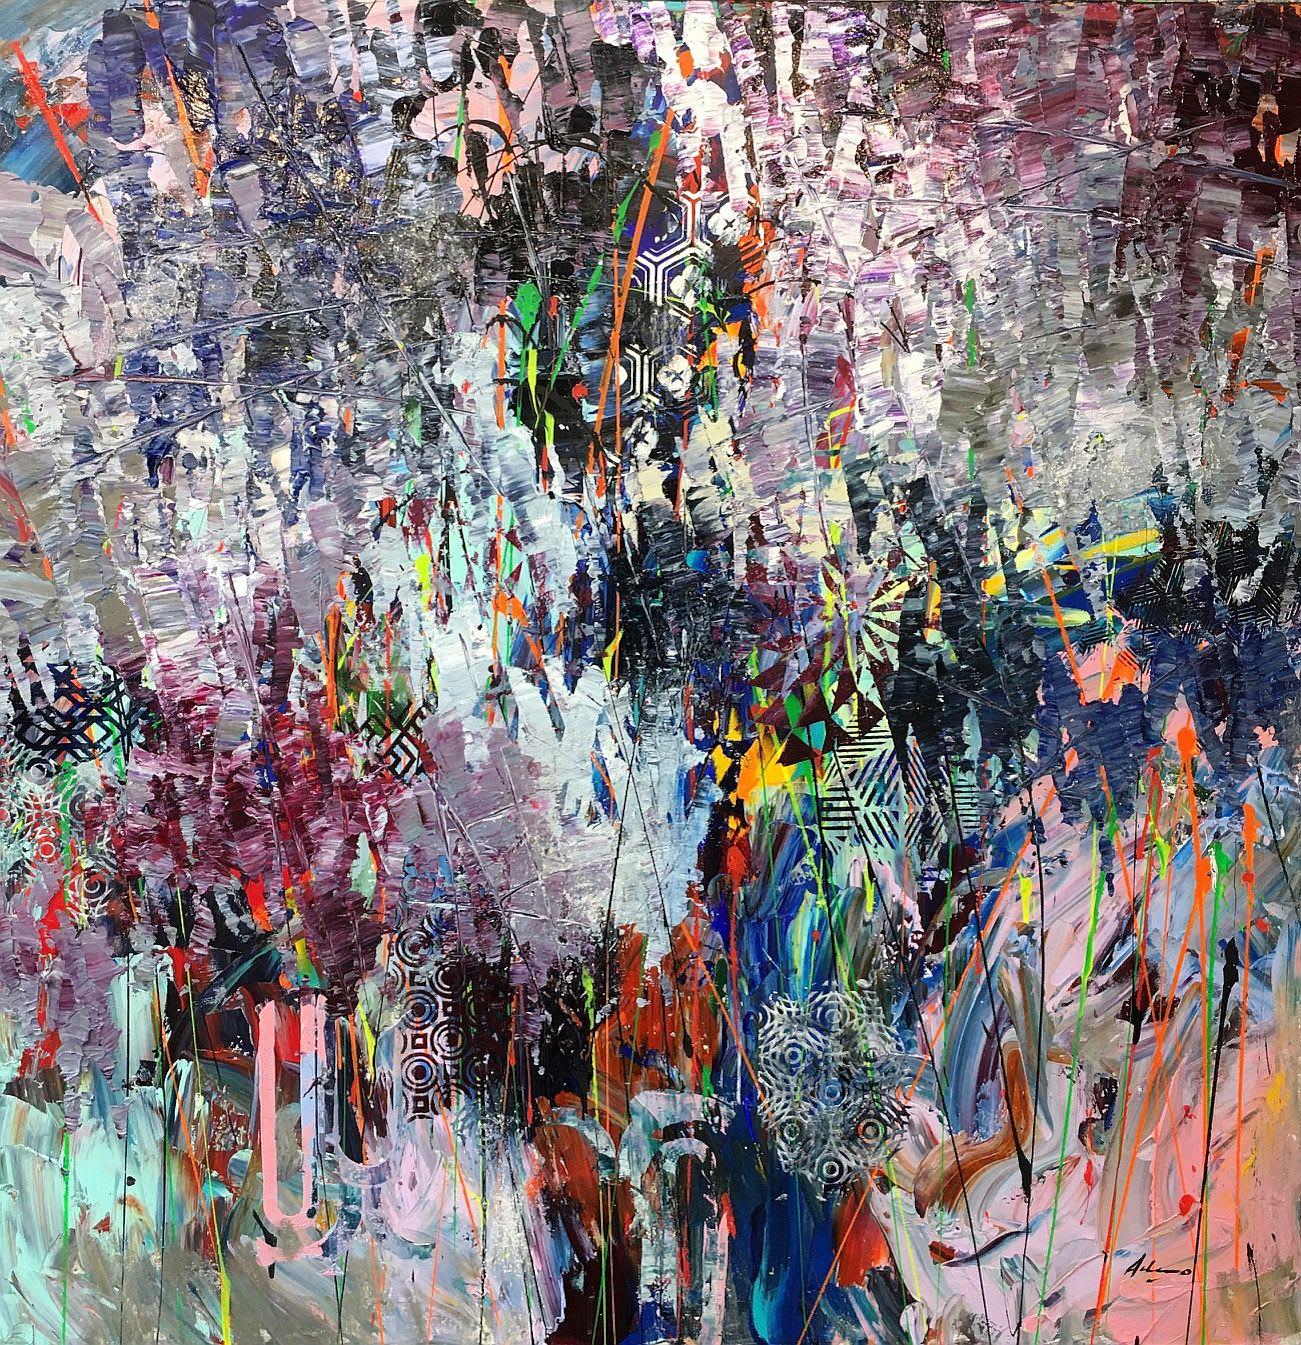 'Treasures of Colonialism' by Pietro Adamo at Gallery 133